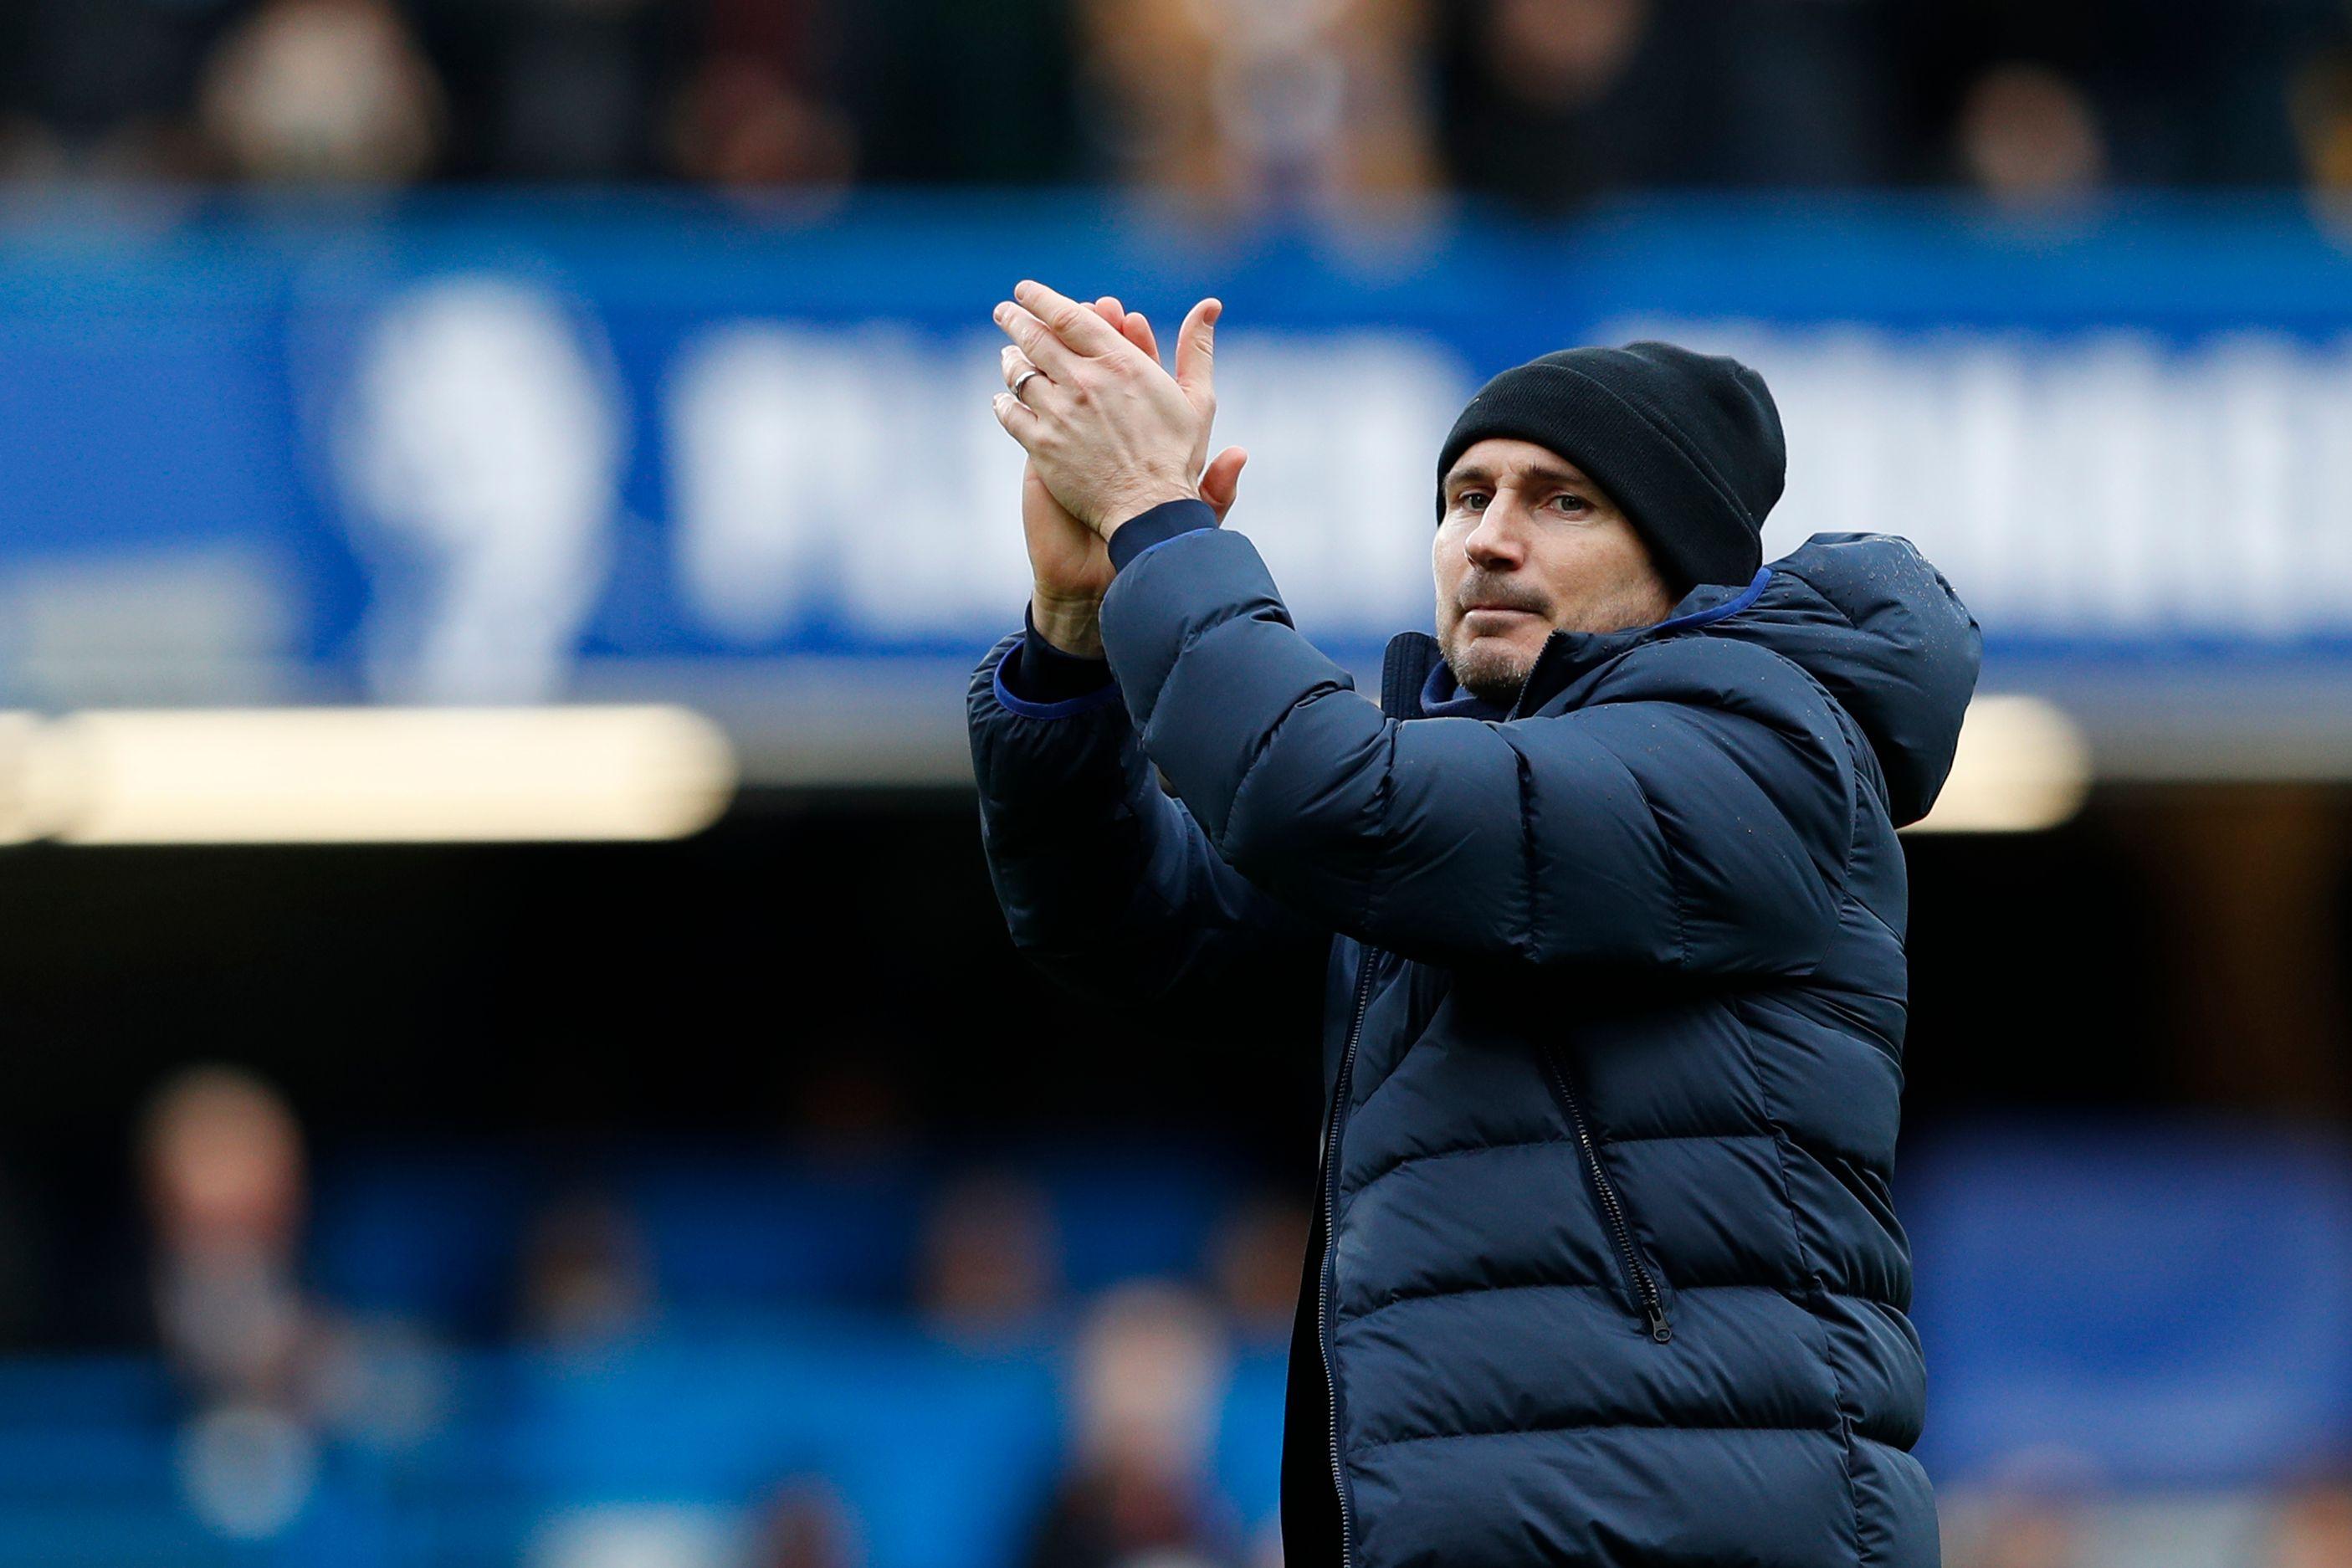 Football - Etranger - Lampard sur Giroud : «Il joue très bien, il est fantastique dans le vestiaire»